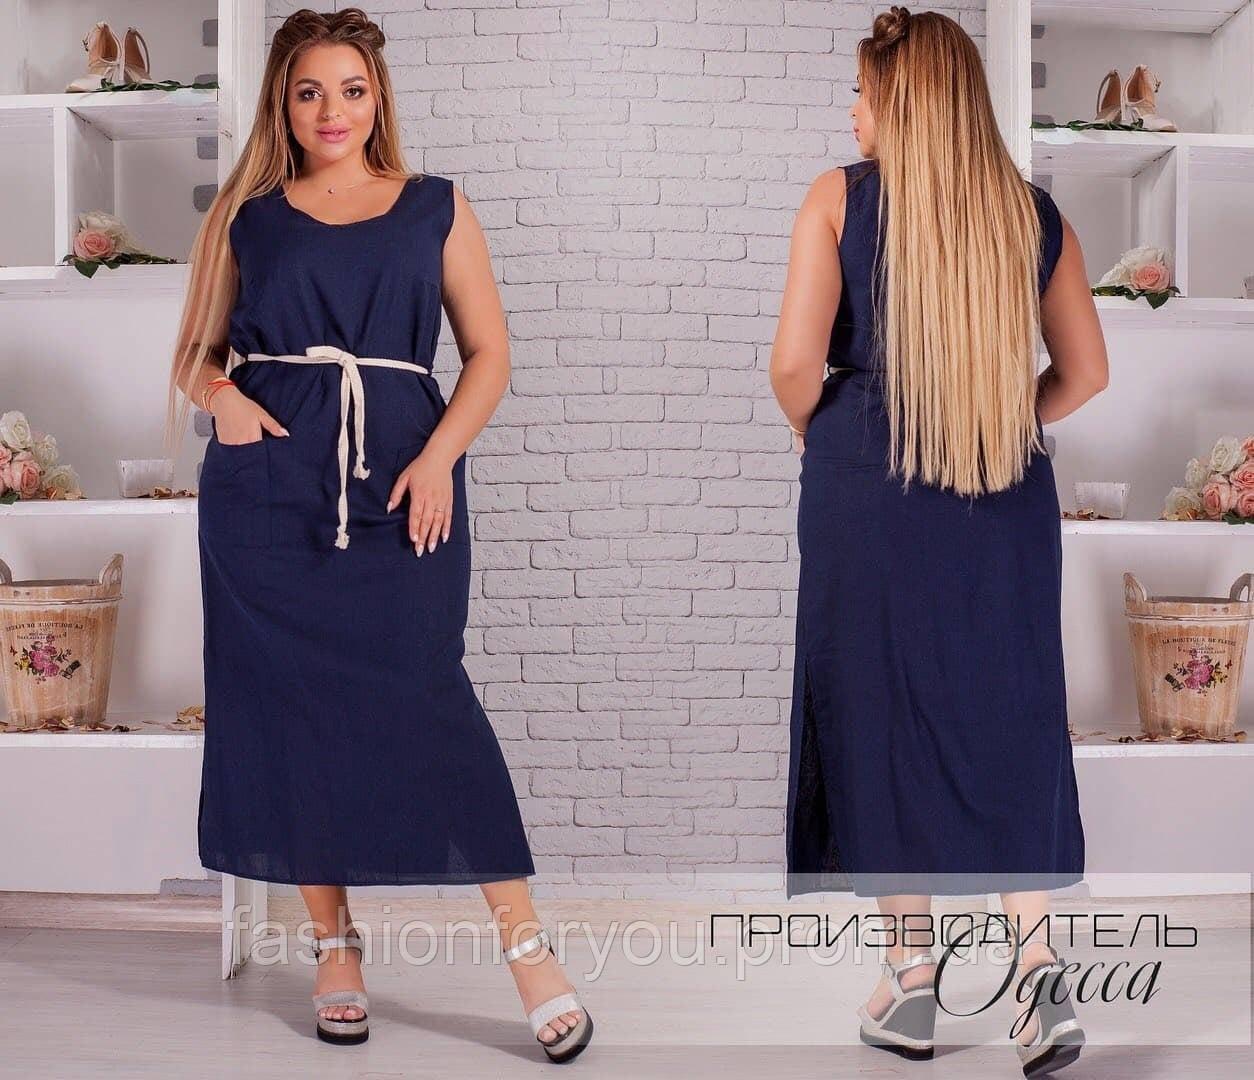 Женский длинный сарафан с поясом .Модель 1149-темно-синий